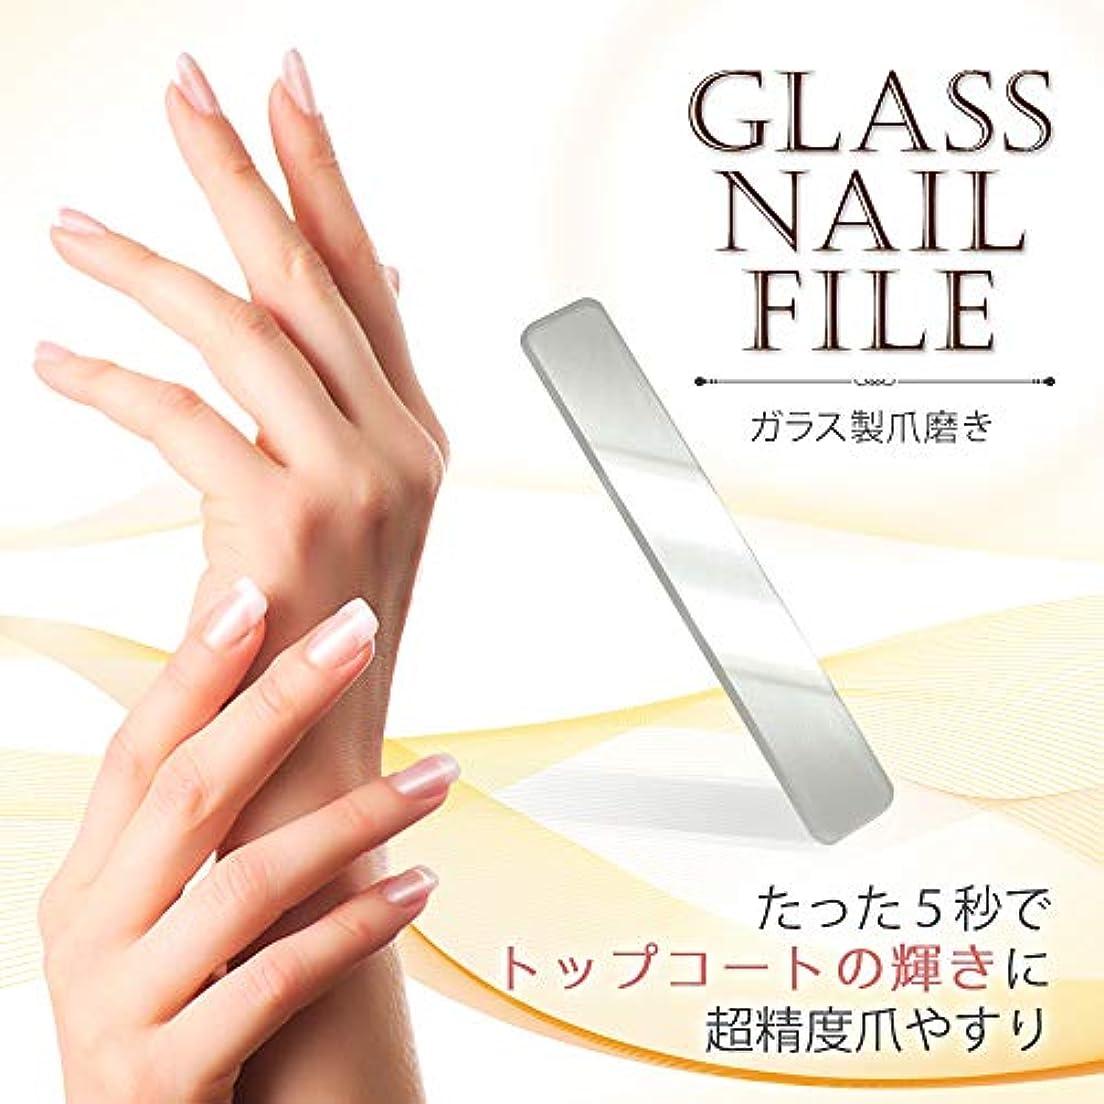 印象的青乳白5秒で実感 Glass Nail File (ガラス製 爪やすり 爪みがき つめみがき 爪磨き ネイルファイル ネイルシャイナー グラスシャイナー バッファー ネイルケア 爪ケア)